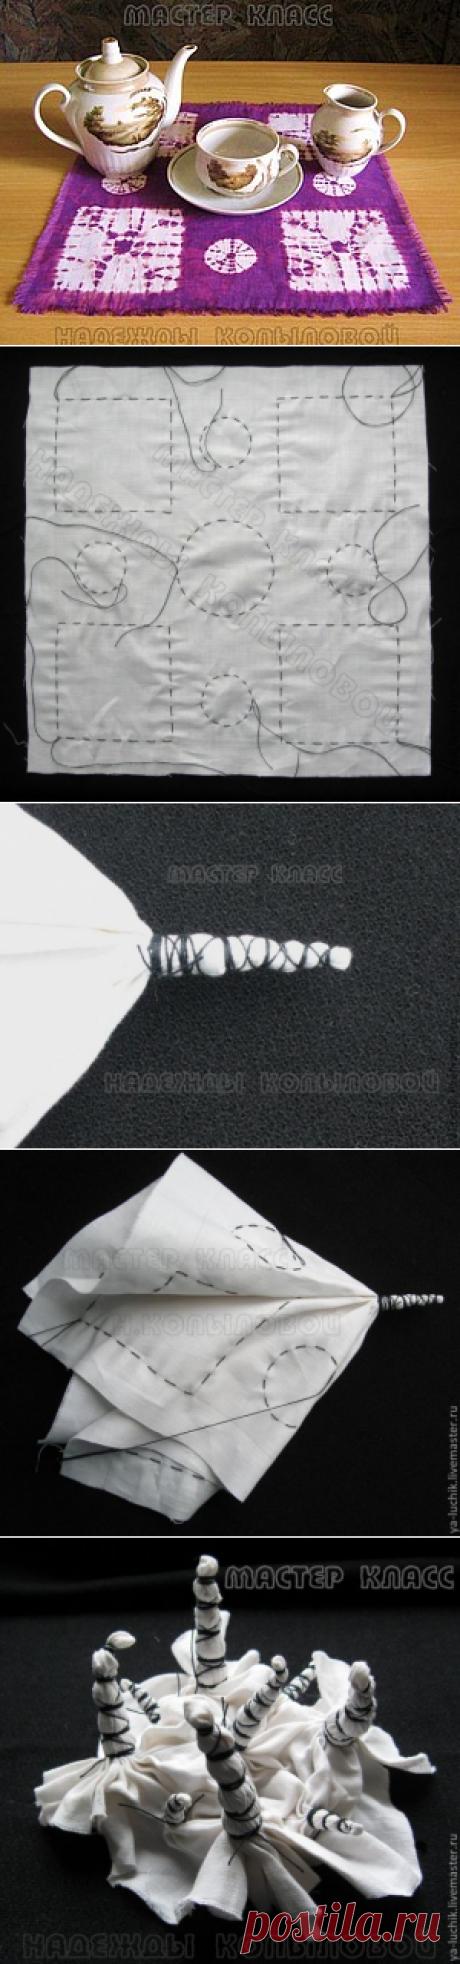 """Роспись тканей в технике """"шибори"""". Урок 3. - Ярмарка Мастеров - ручная работа, handmade"""